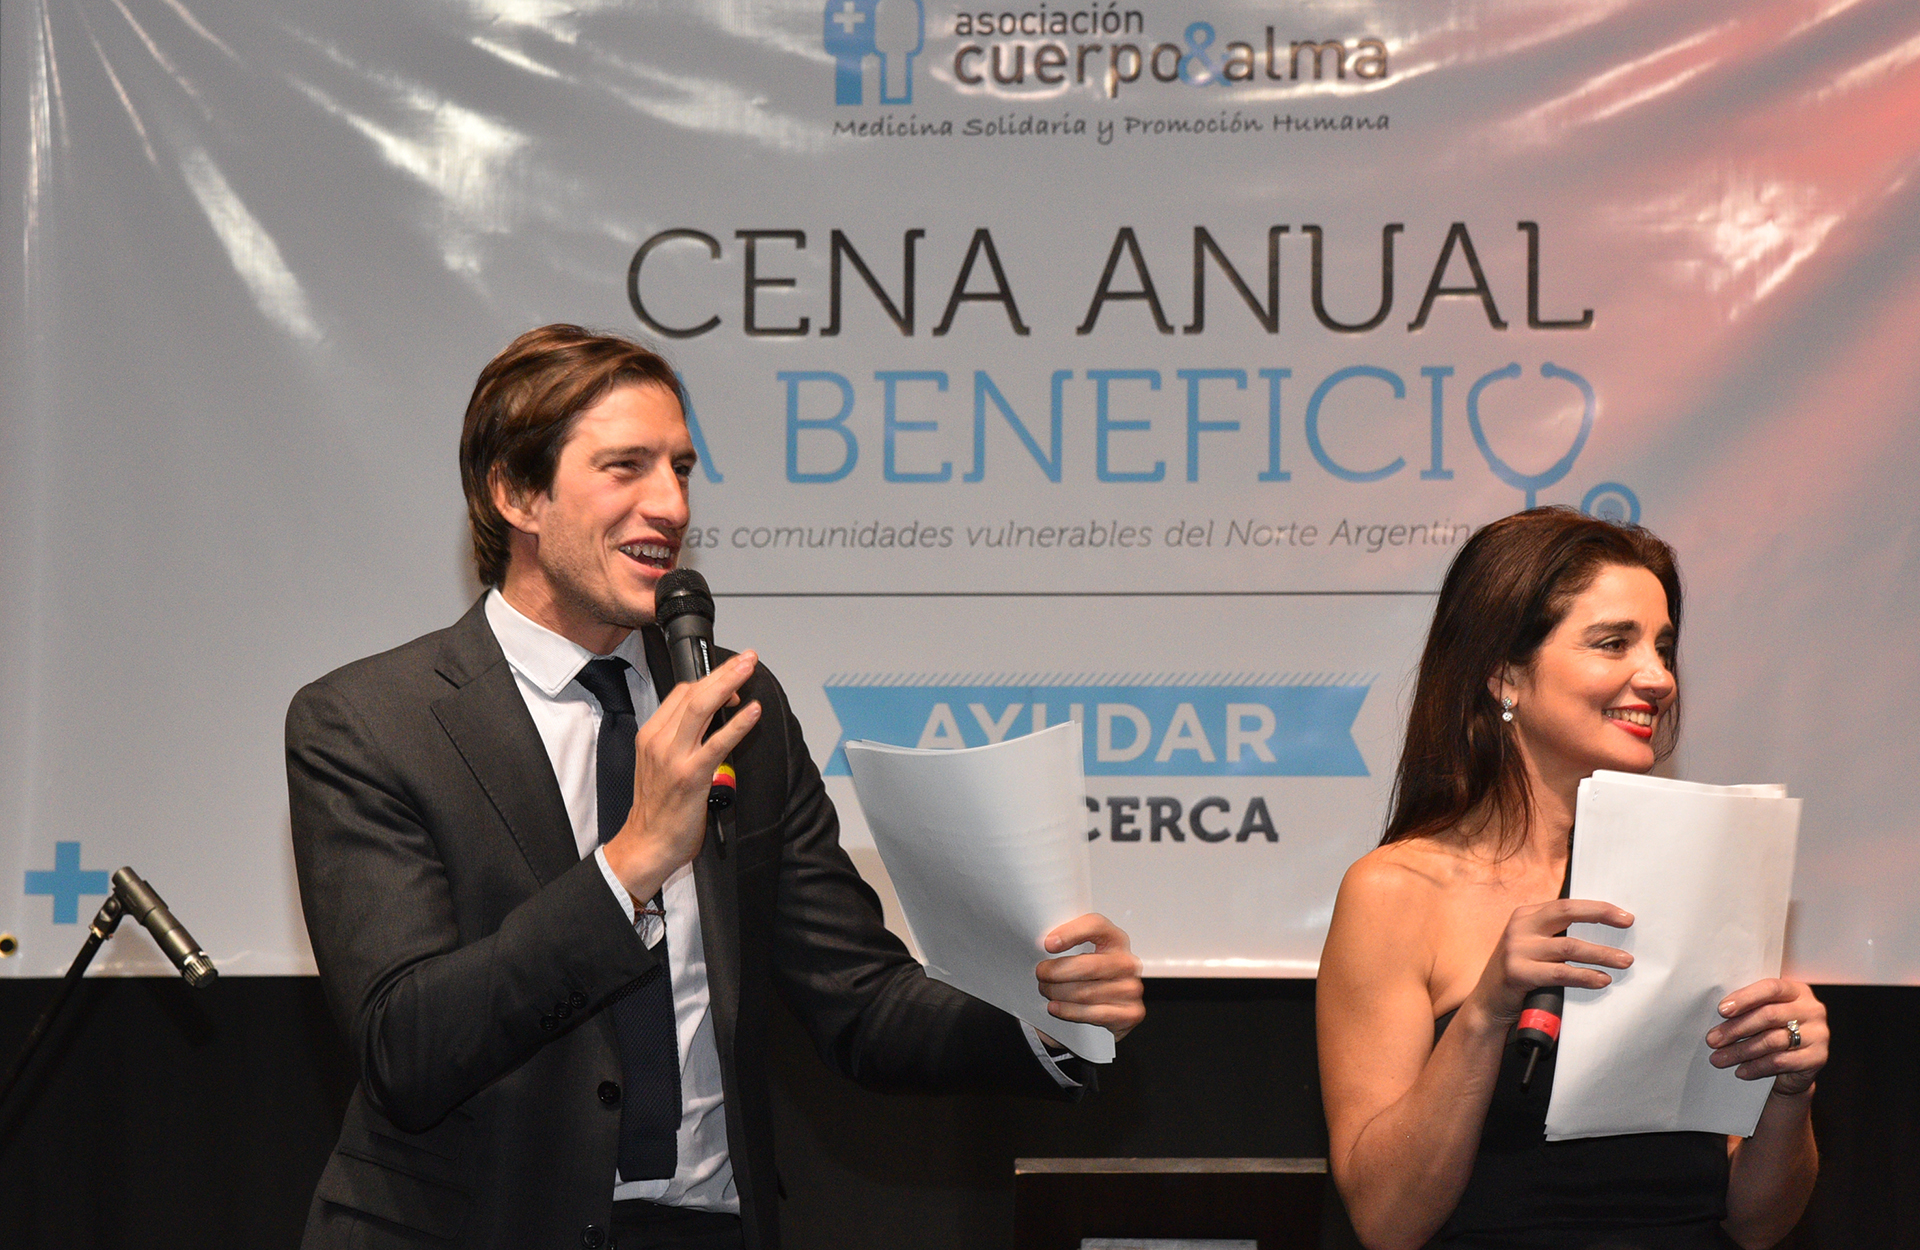 Iván de Pineda y Verónica Varano, la conductora del evento